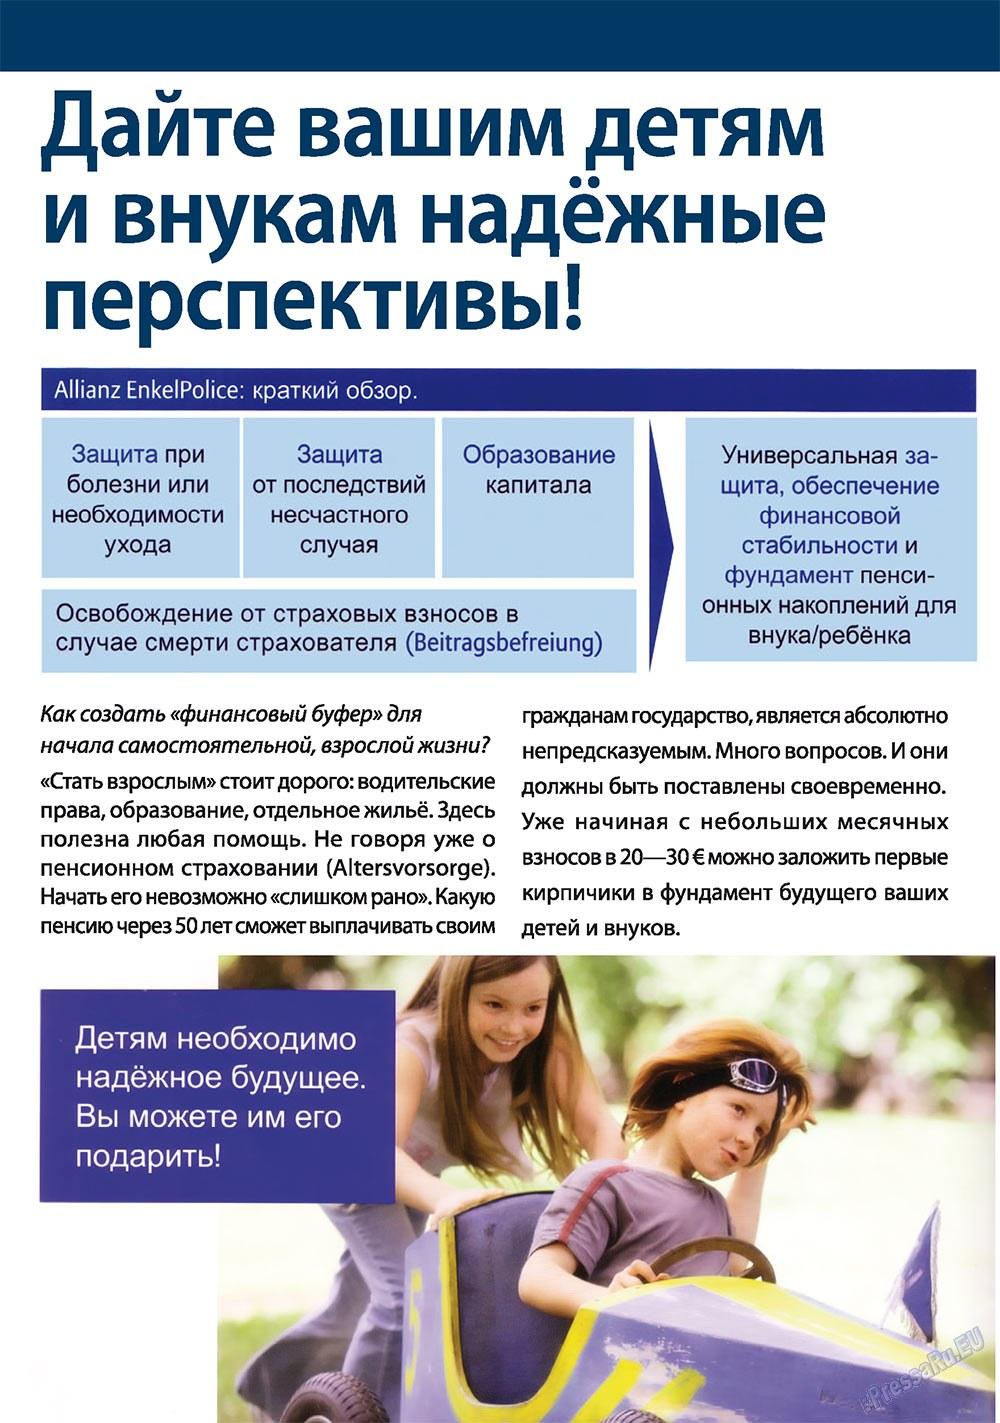 Апельсин (журнал). 2010 год, номер 10, стр. 19